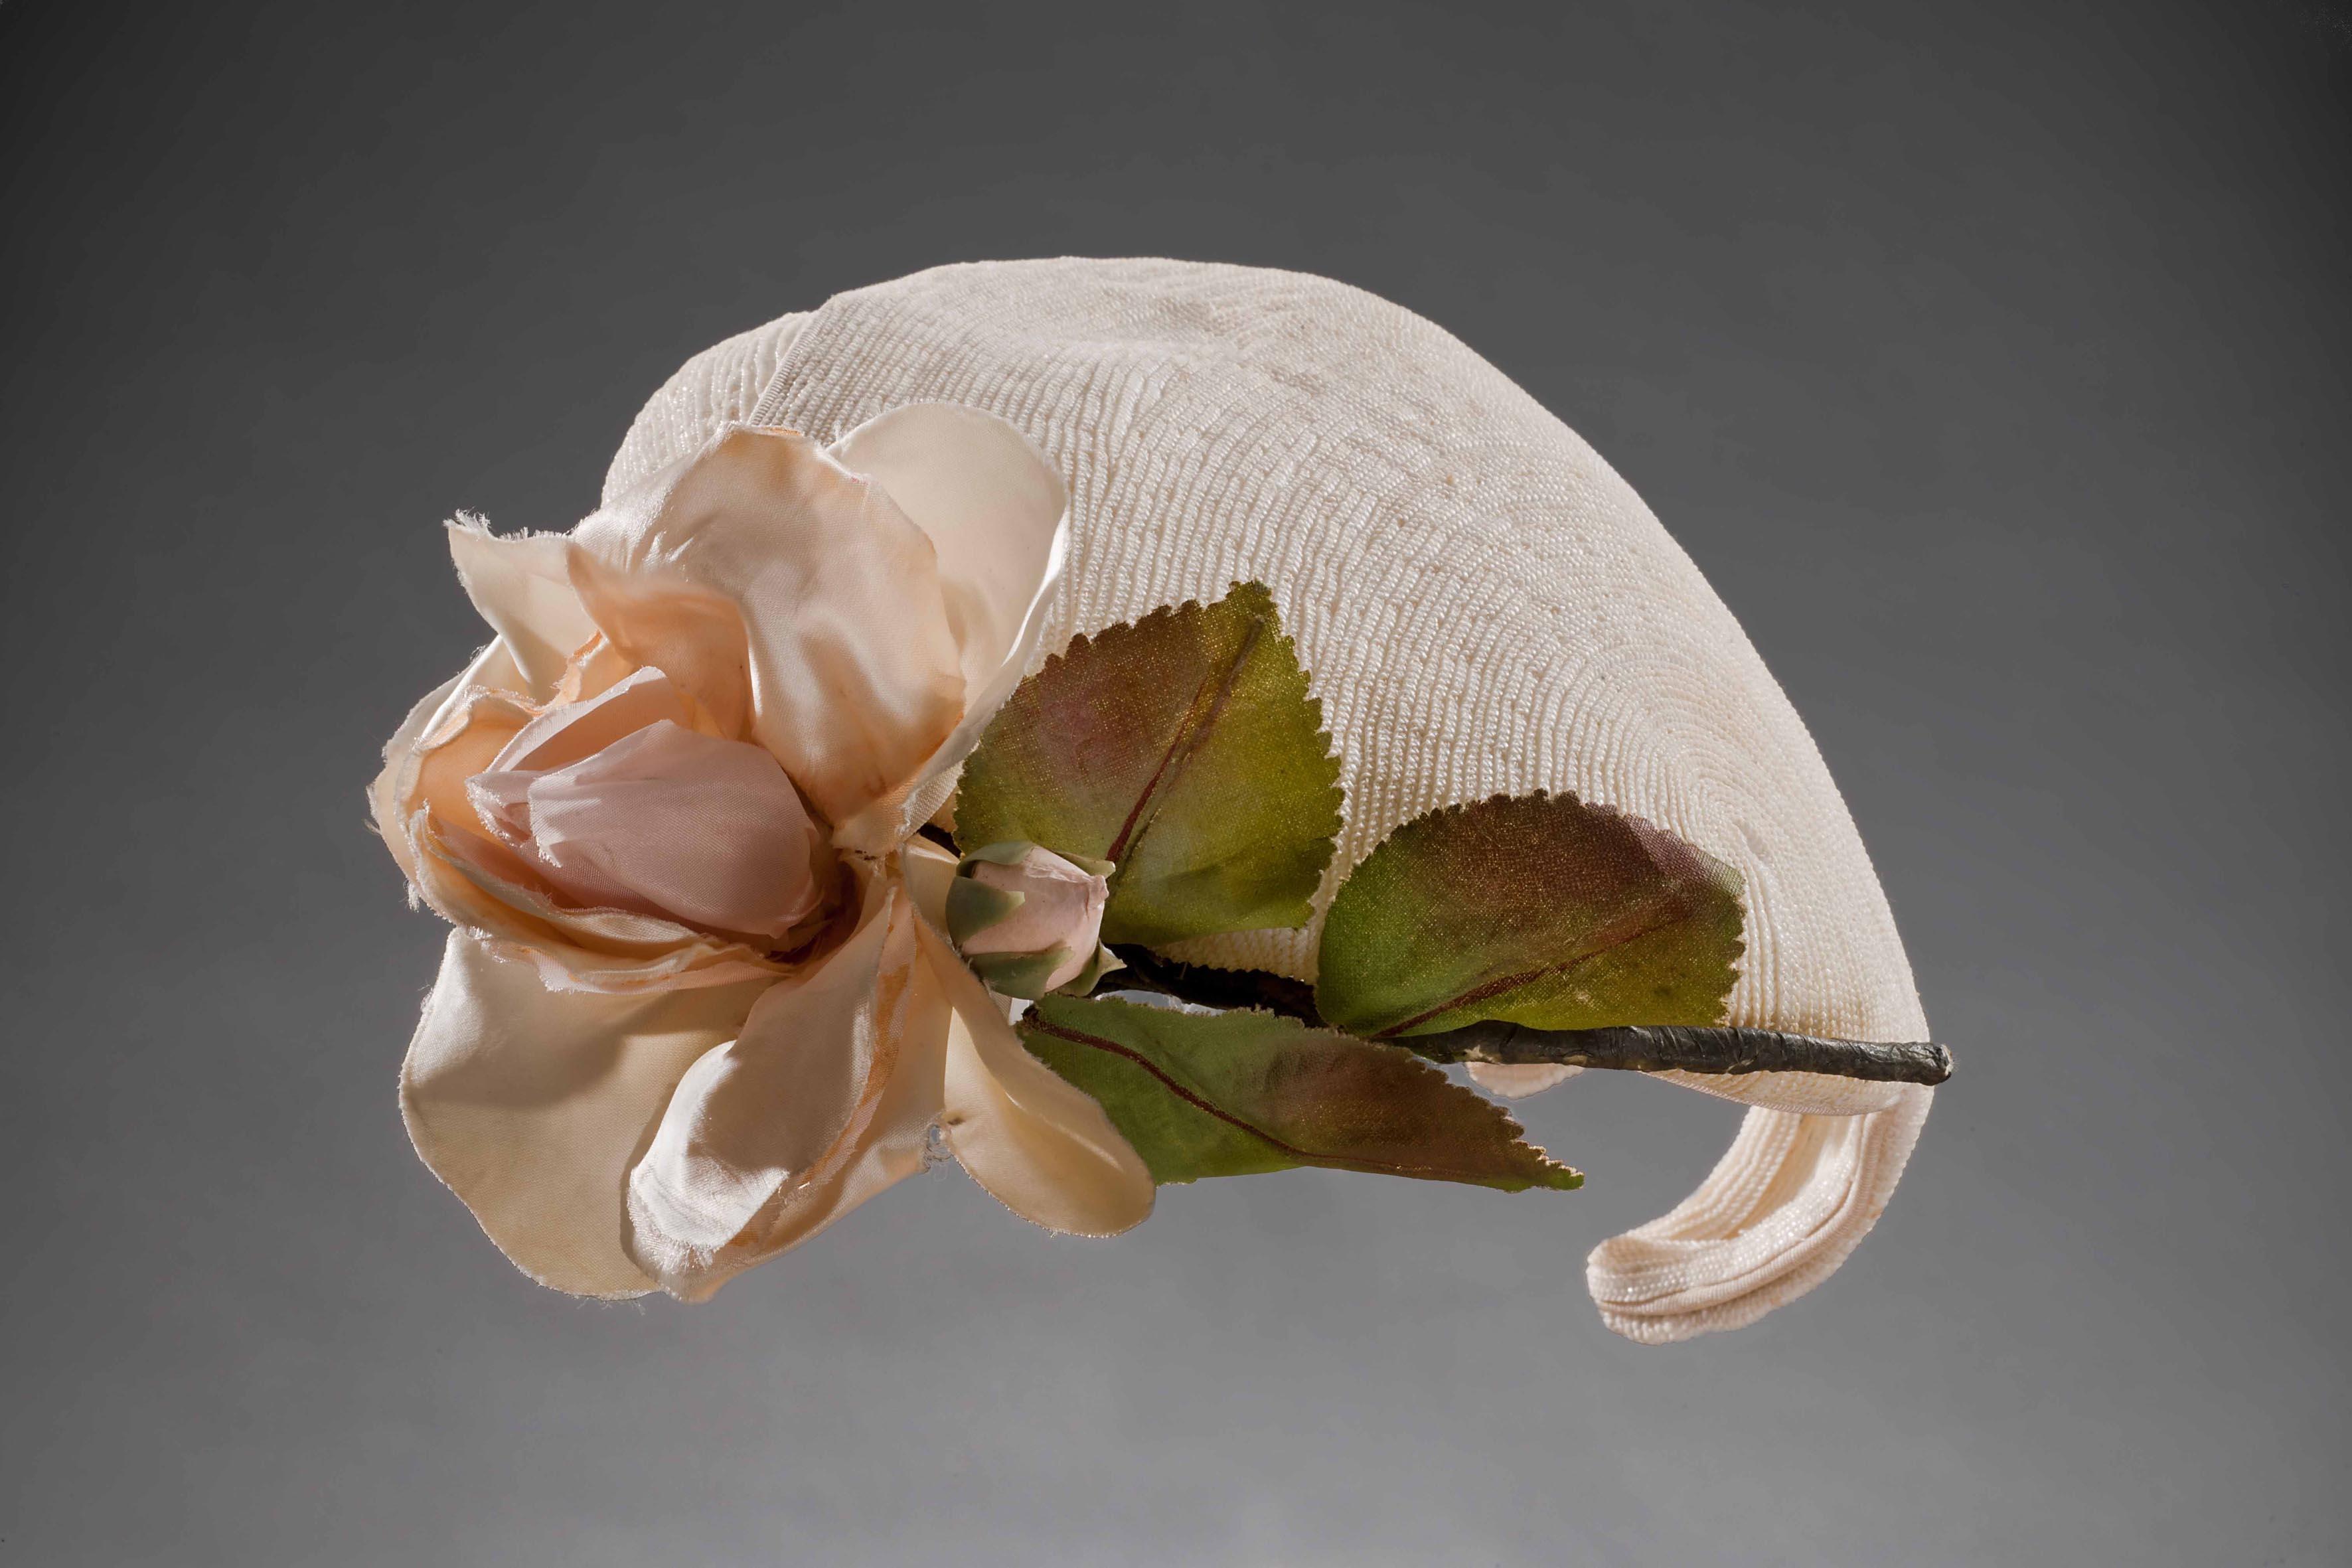 cappello paglia fiore.